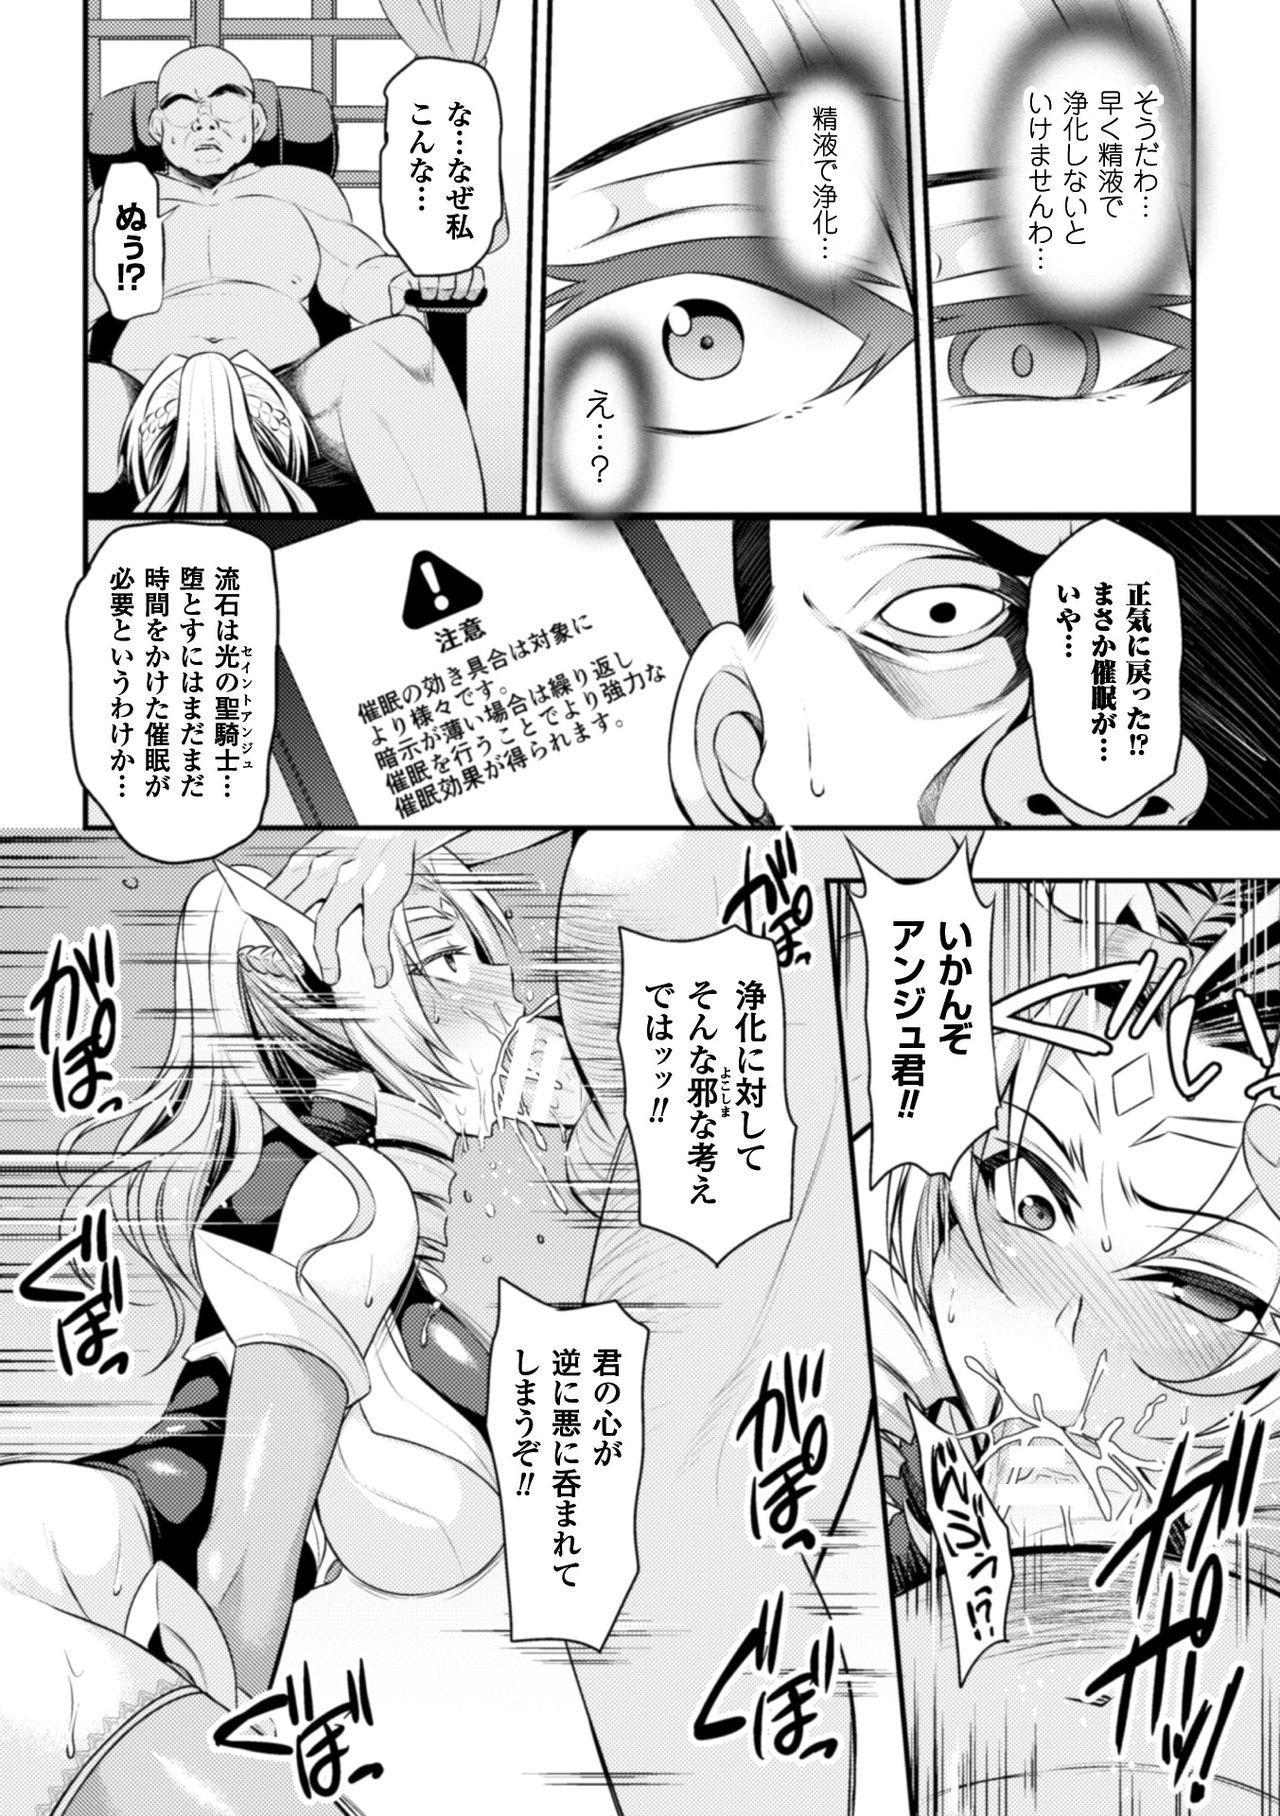 2D Comic Magazine Saimin Appli de Henshin Heroine o Yaritai Houdai! Vol. 1 49